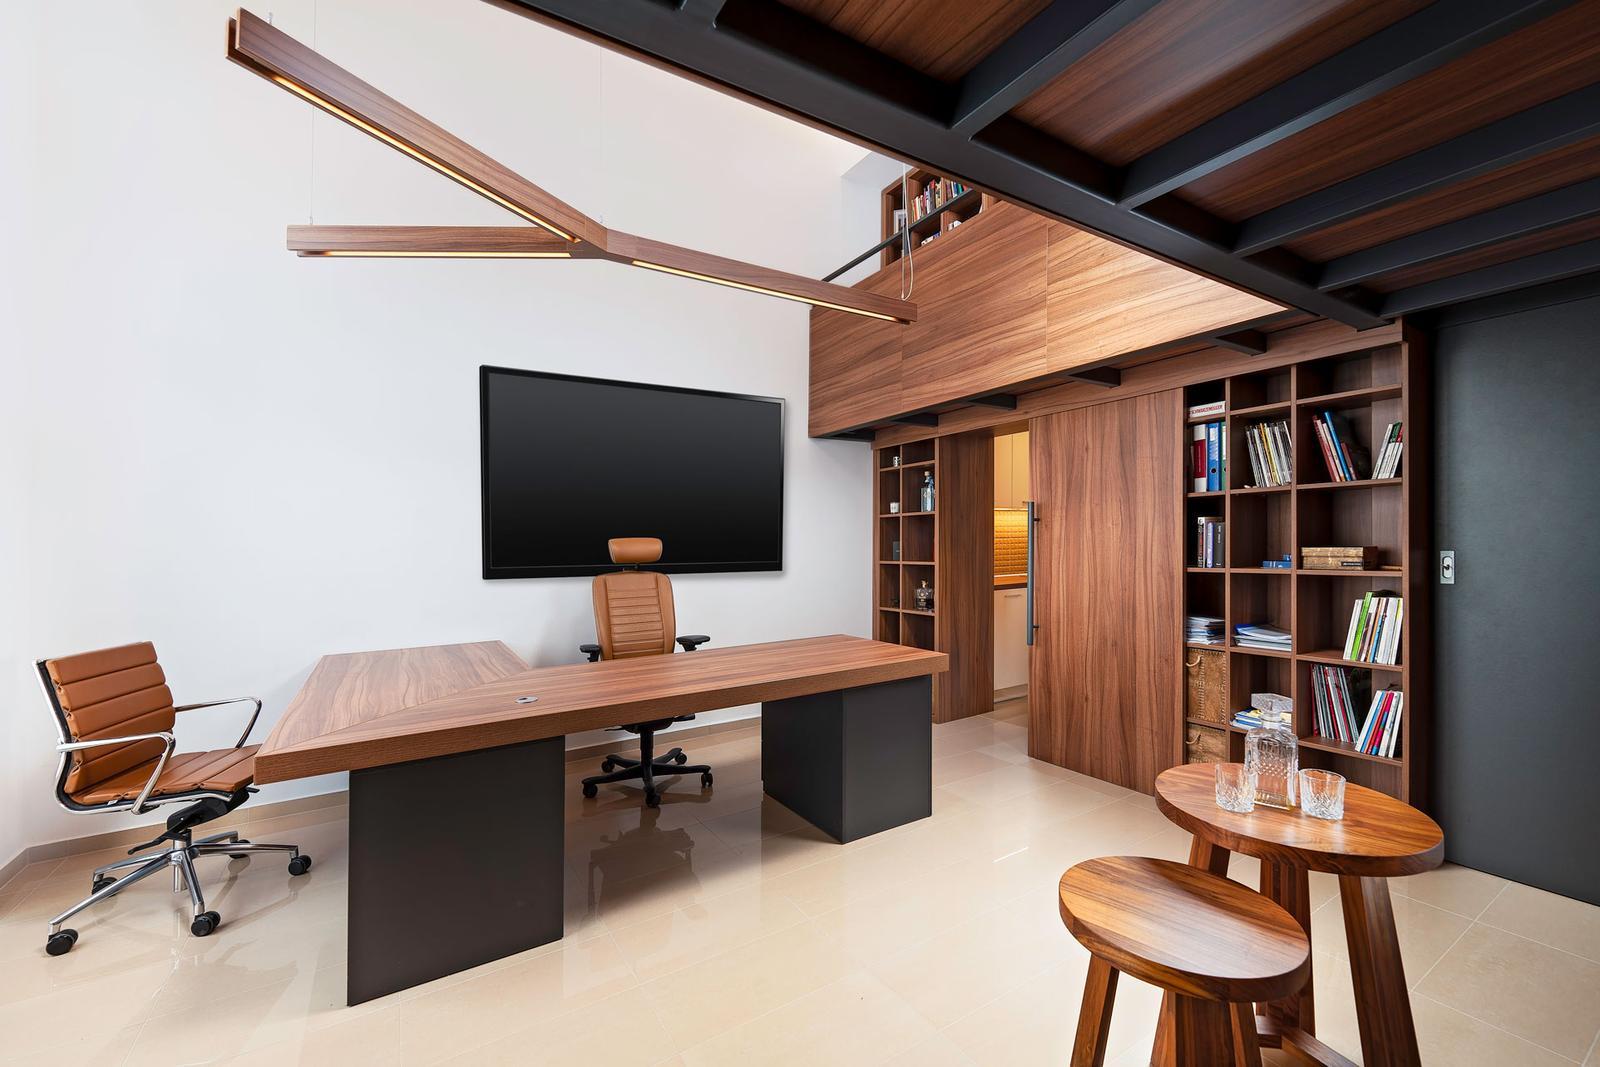 Návrh a realizácia interiéru - reprezentatívna loftová kancelária - Dizajn a realizácia interiéru - reprezentatívna loftová kancelária